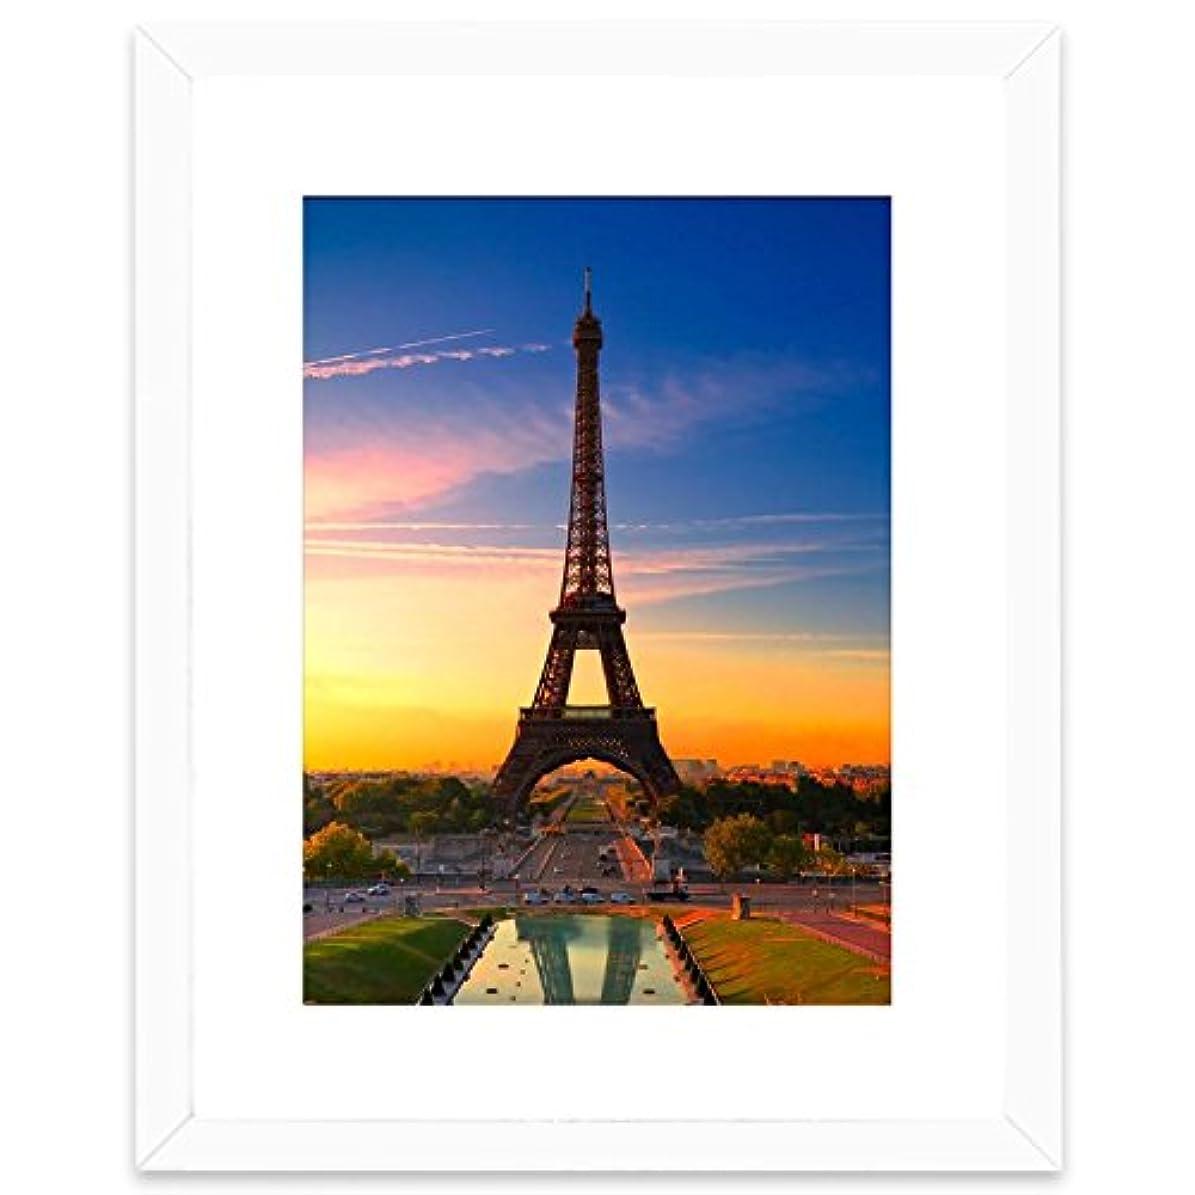 シェアかなりのふけるBetus エレガント ウッド フォト フレーム マット または 28x36cm マットなし付き - 芸術、絵画、写真用ディスプレイ フレーム - 壁面取り付けツール 20x25cm 写真用 ホワイト